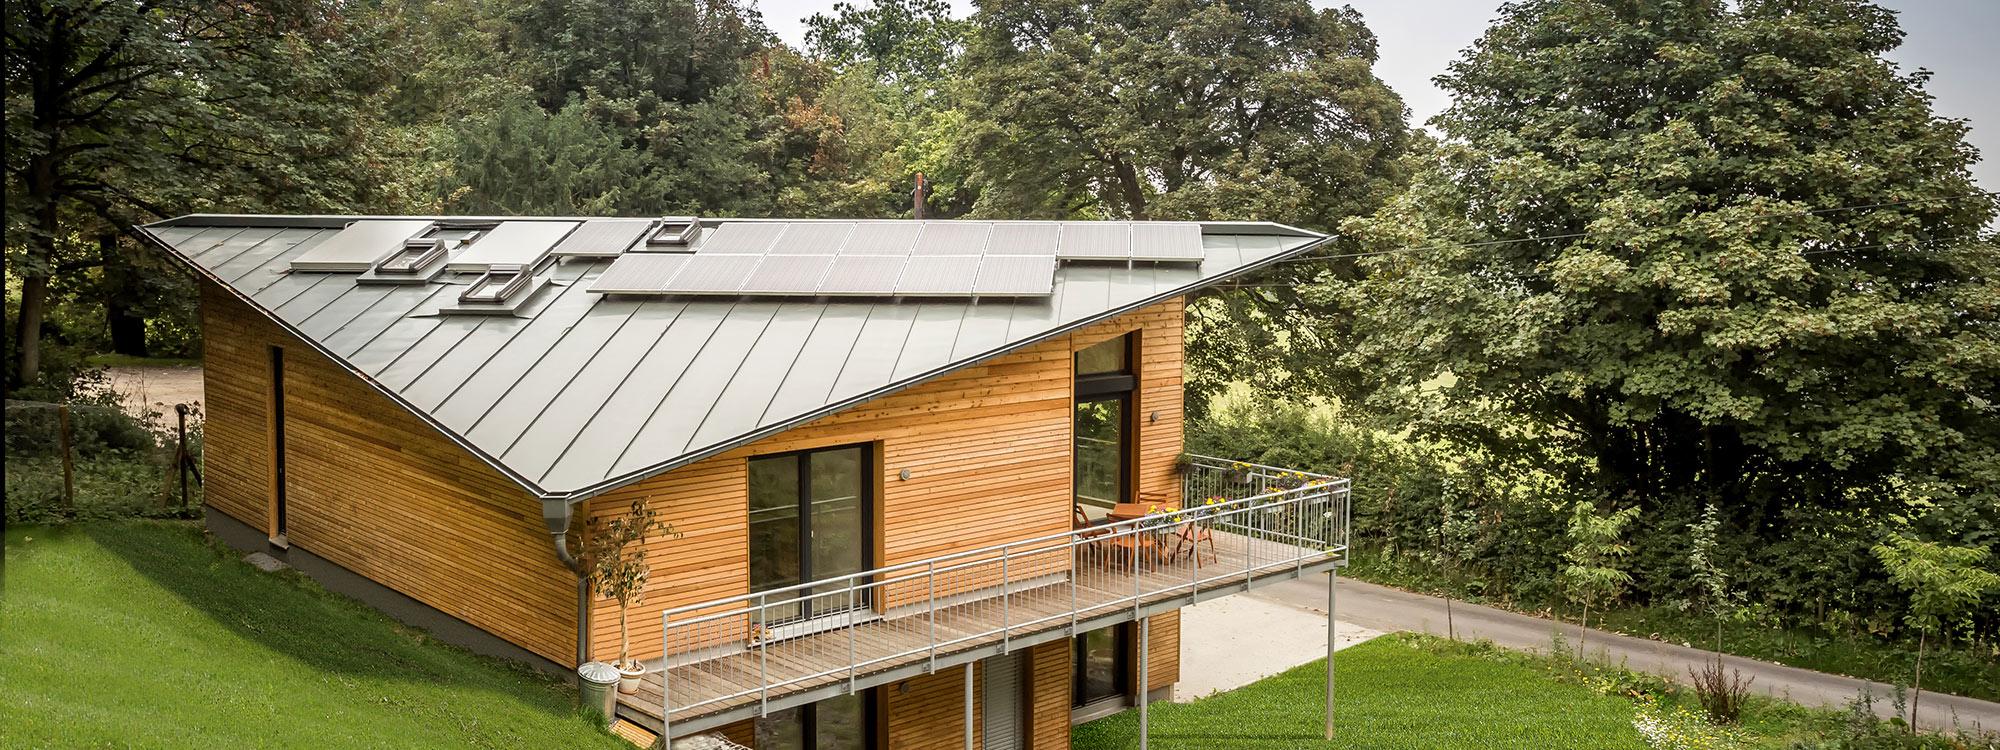 Energieeffizient bauen mit Naturholzhäusern von Gruber - vom Effizienzhaus bis zum Plusenergiehaus mit Speichertechnik